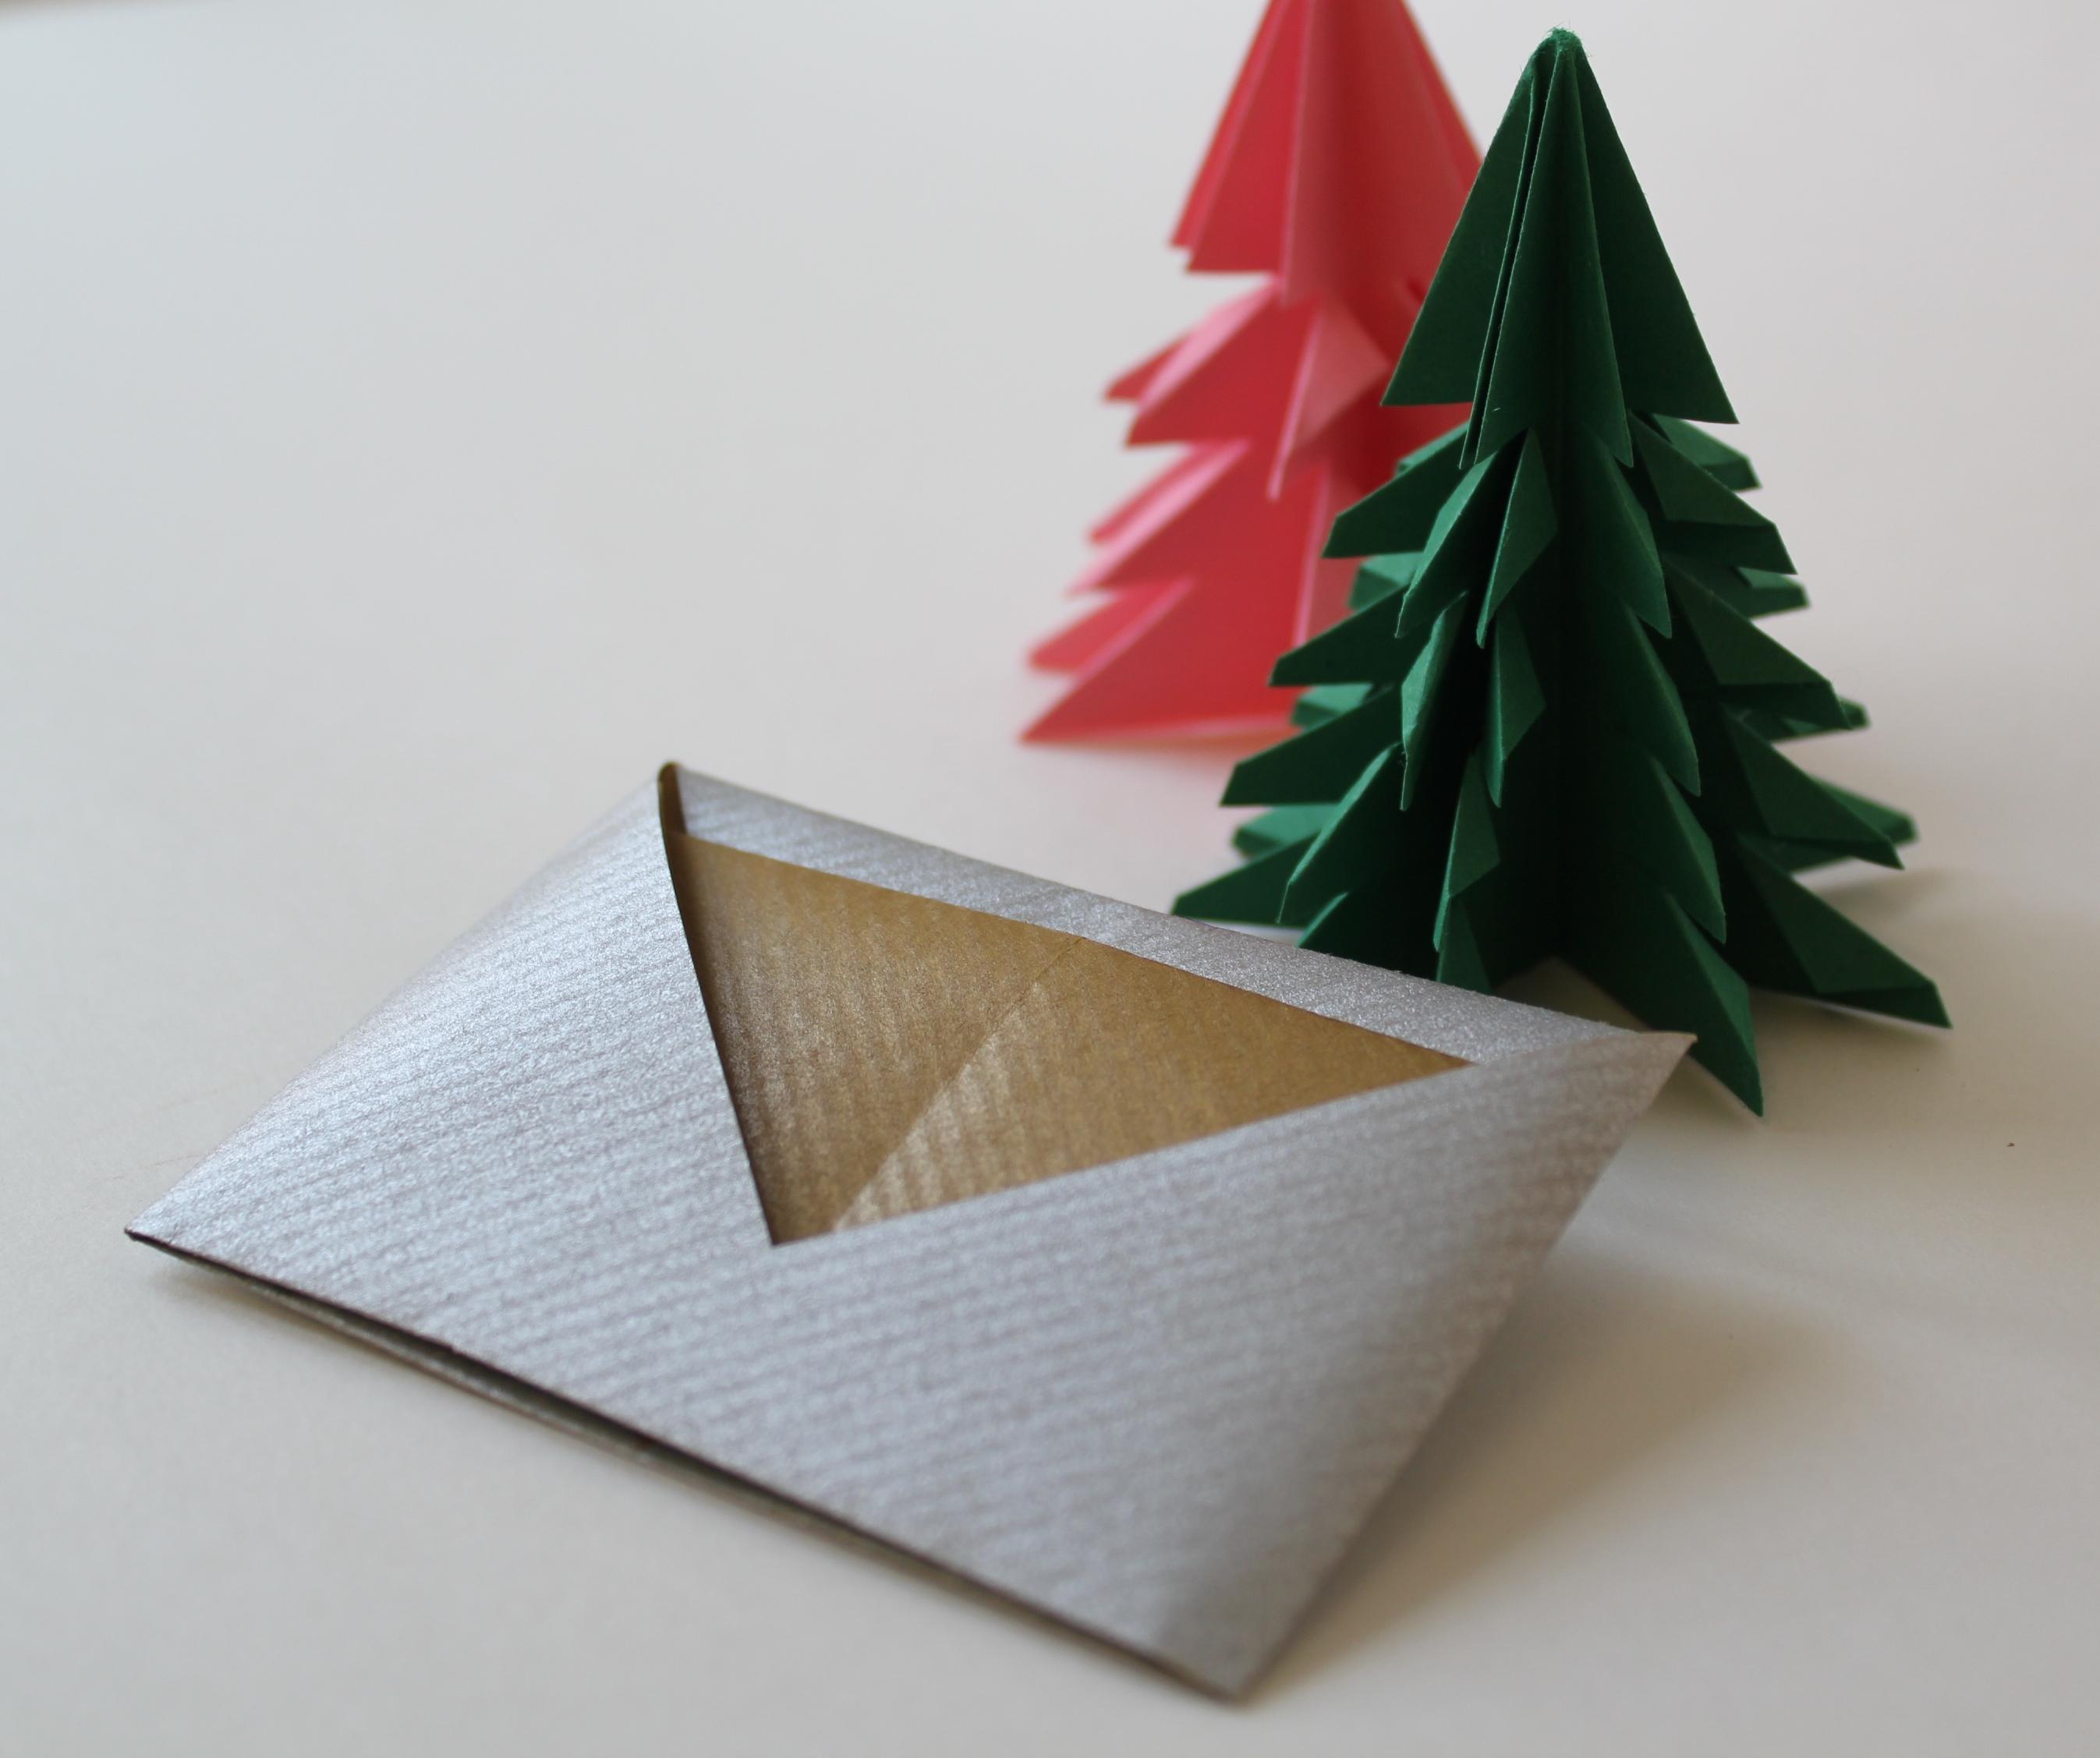 Kleinen Briefumschlag Falten Einen Brief In Den Umschlag